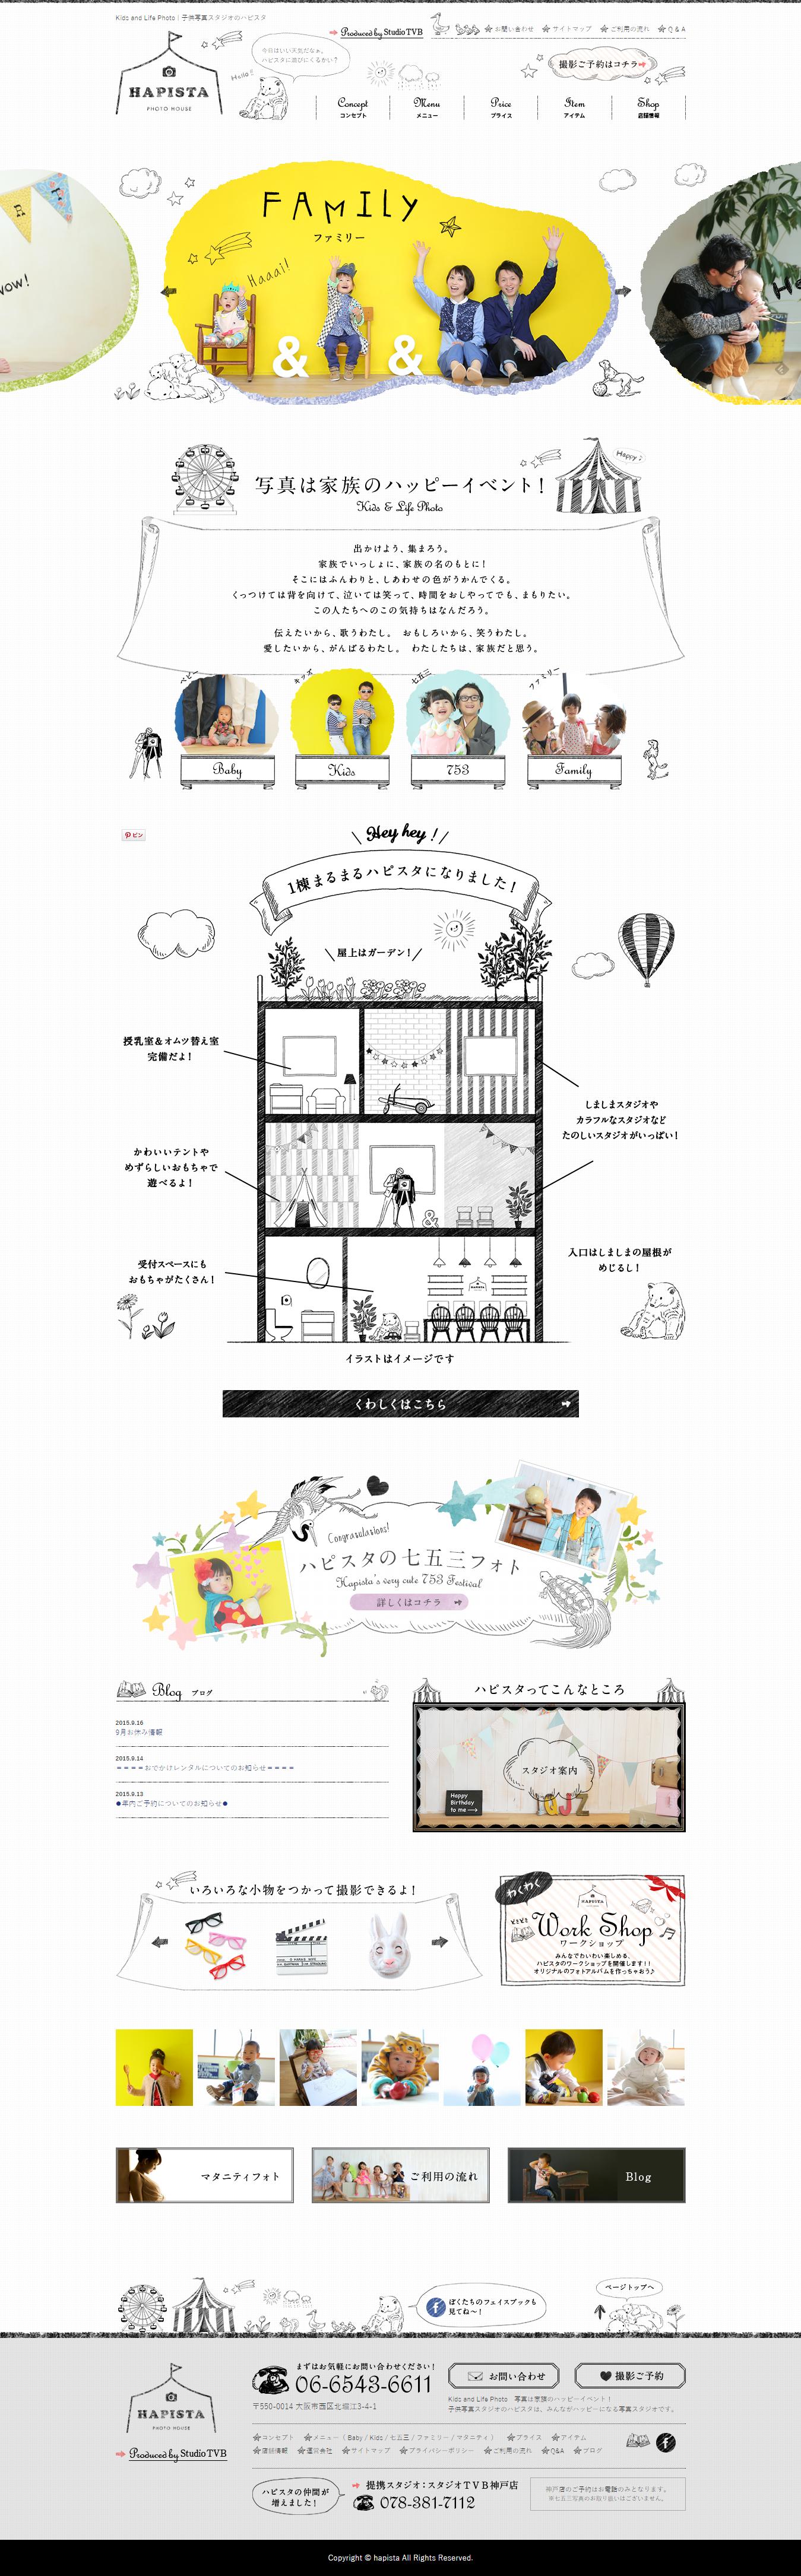 手書き風の可愛らしいサイトデザイン Lp デザイン ウェブデザイン